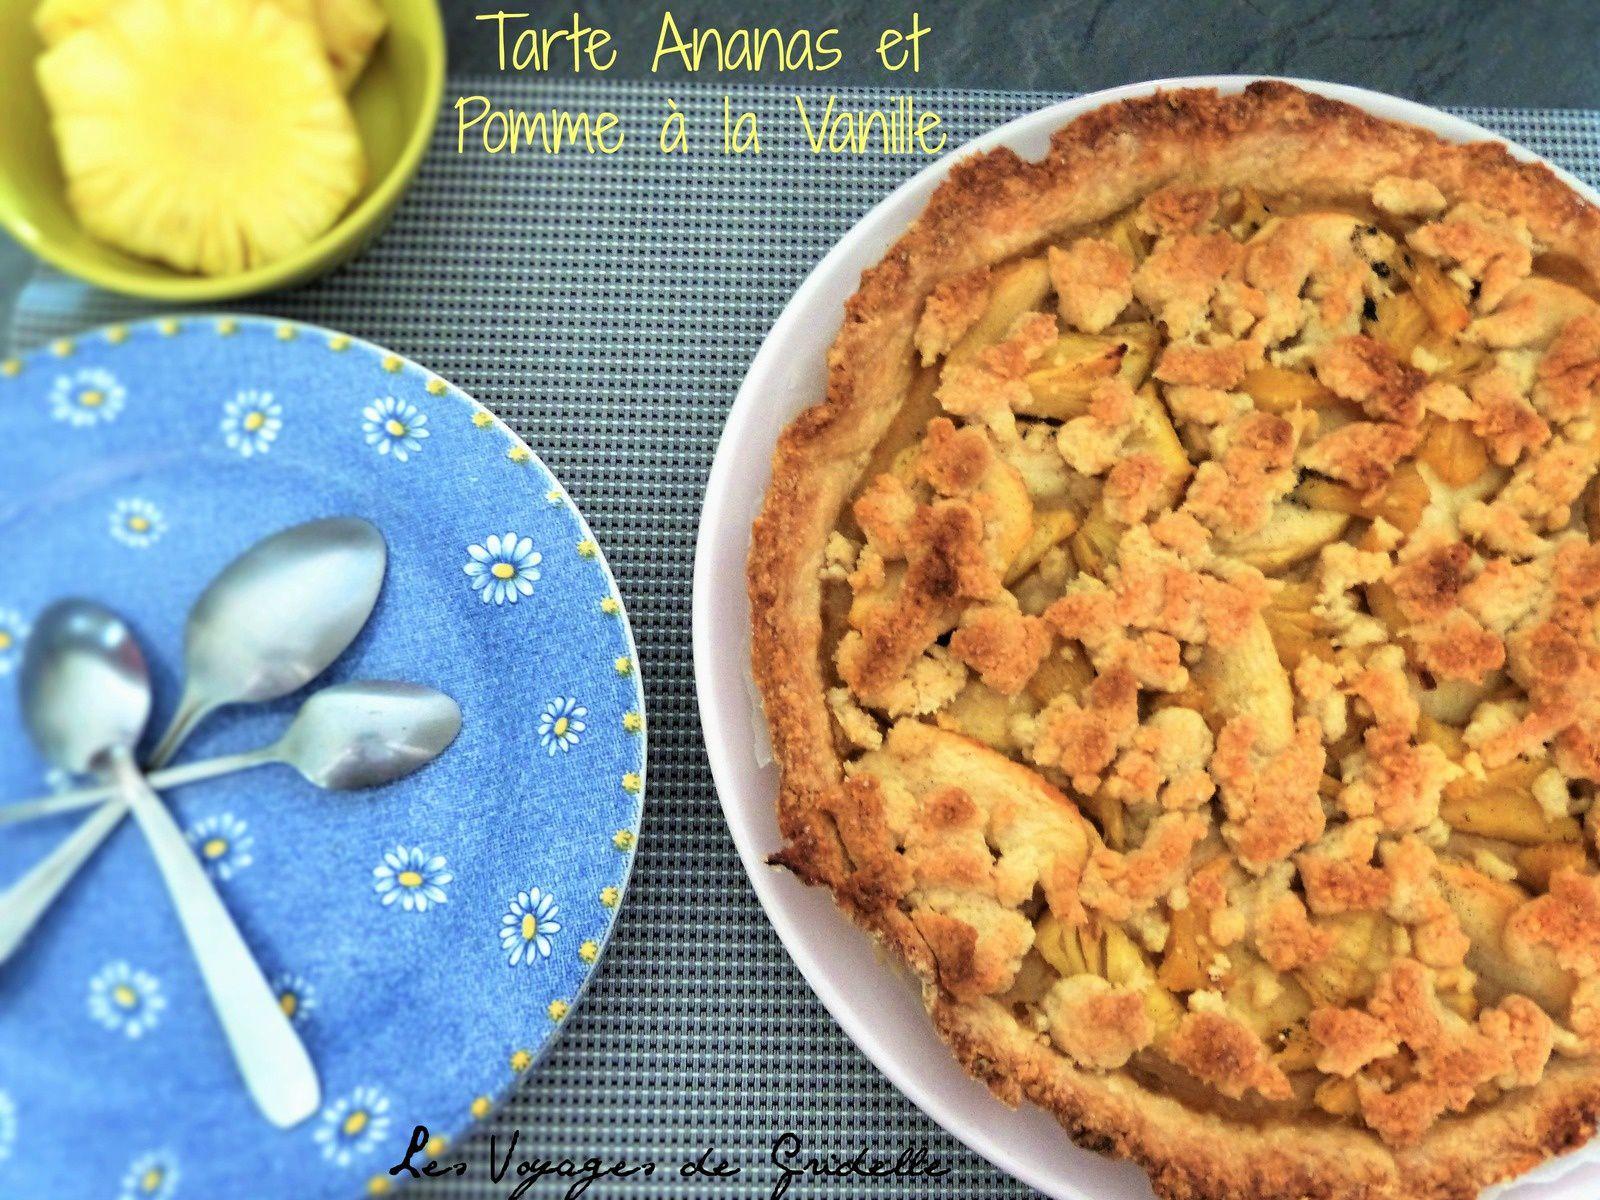 Tarte Ananas et Pomme à la Vanille